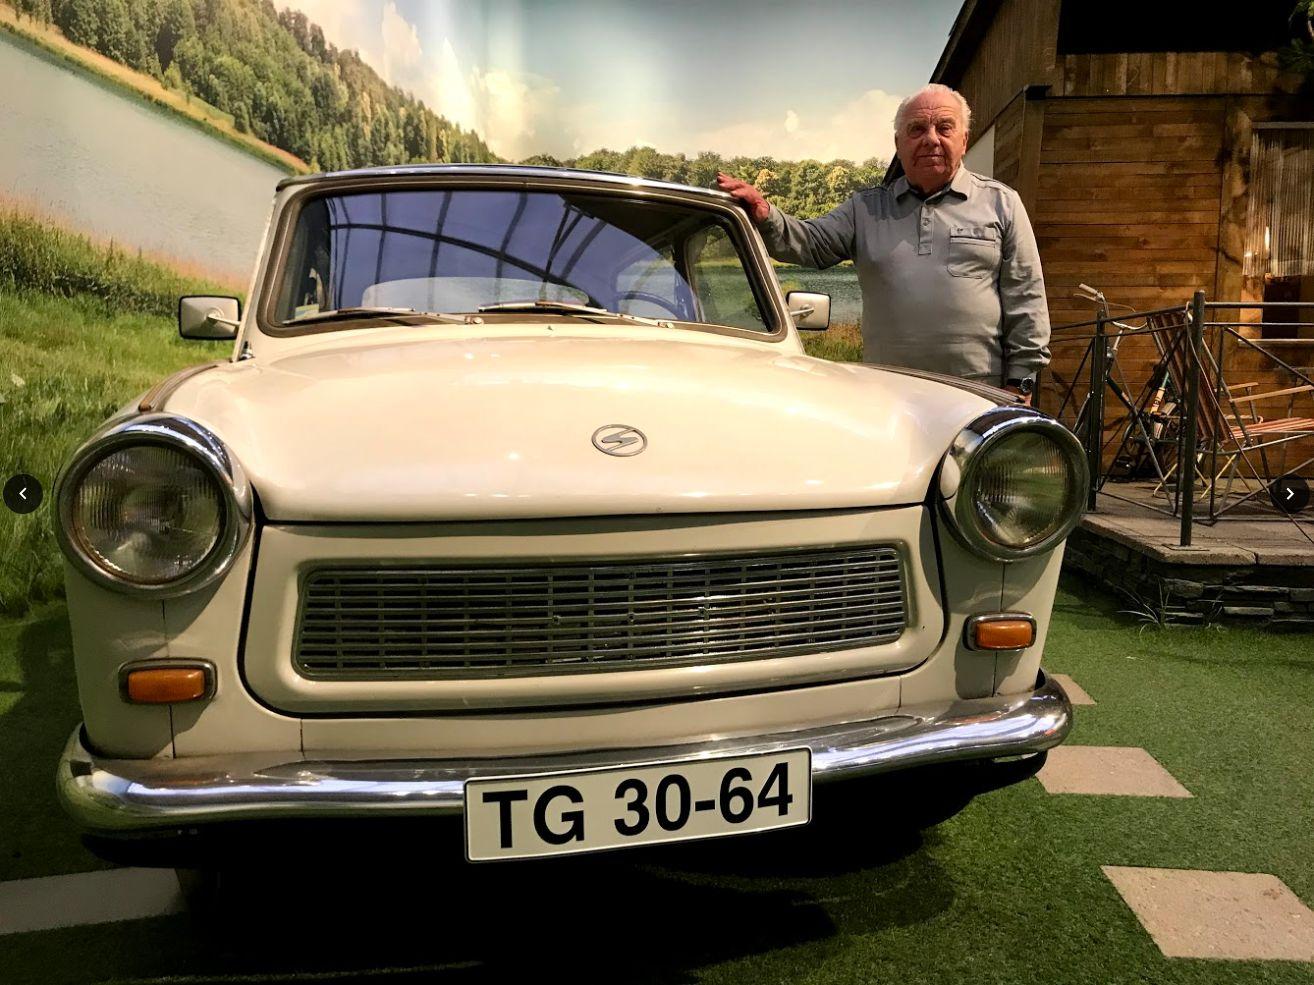 Roland Schulze lehnt an einem Trabant 601 im August Horch Museum in Zwickau.